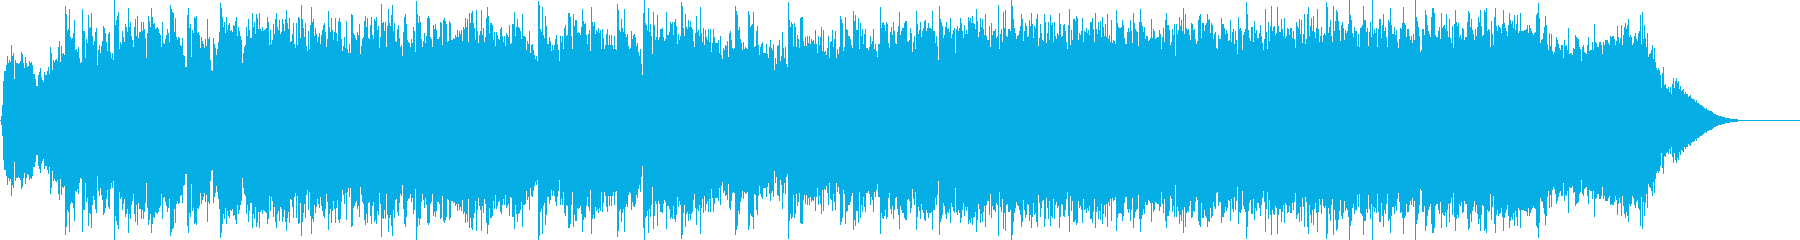 ダークファンタジーオーケストラ戦闘曲58の再生済みの波形